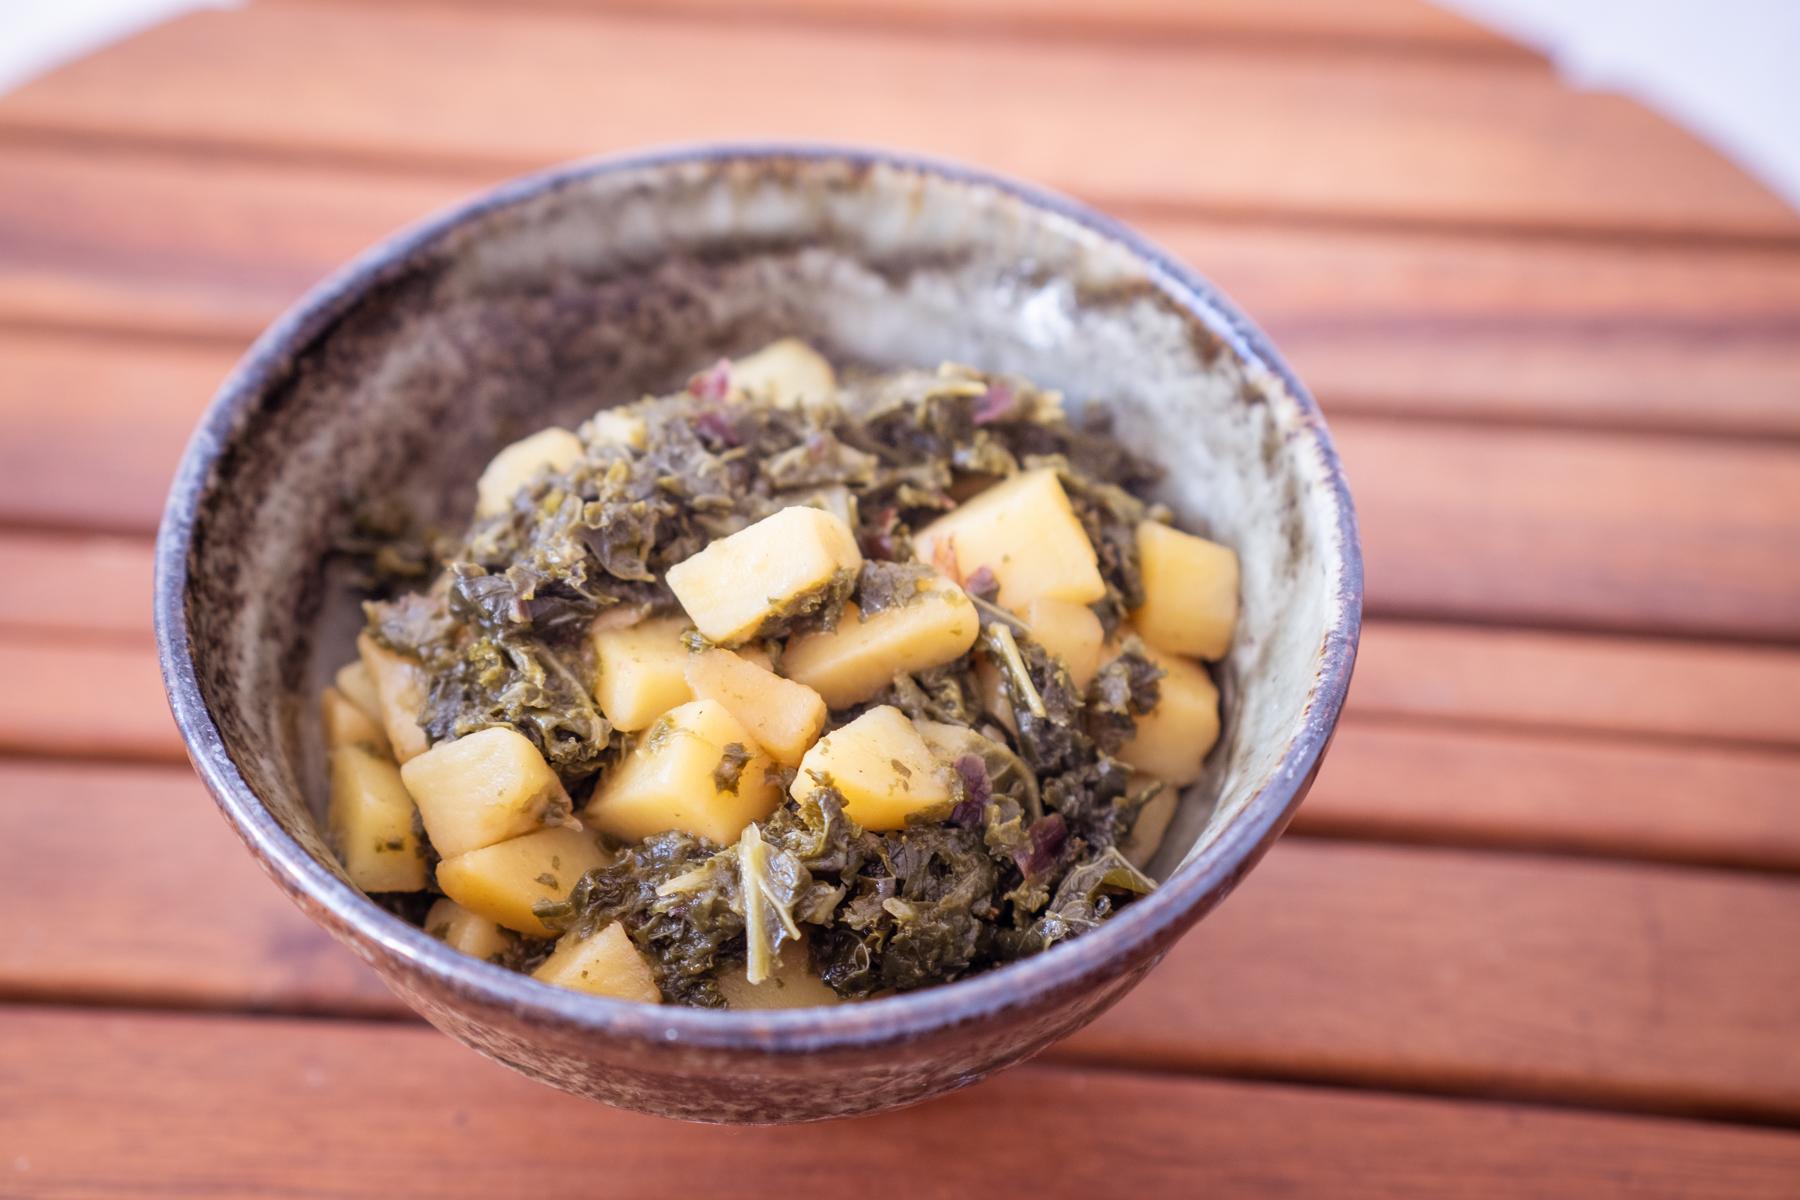 Grünkohl mit Kartoffeln - gesundes Kochen muss nicht aufwändig sein.